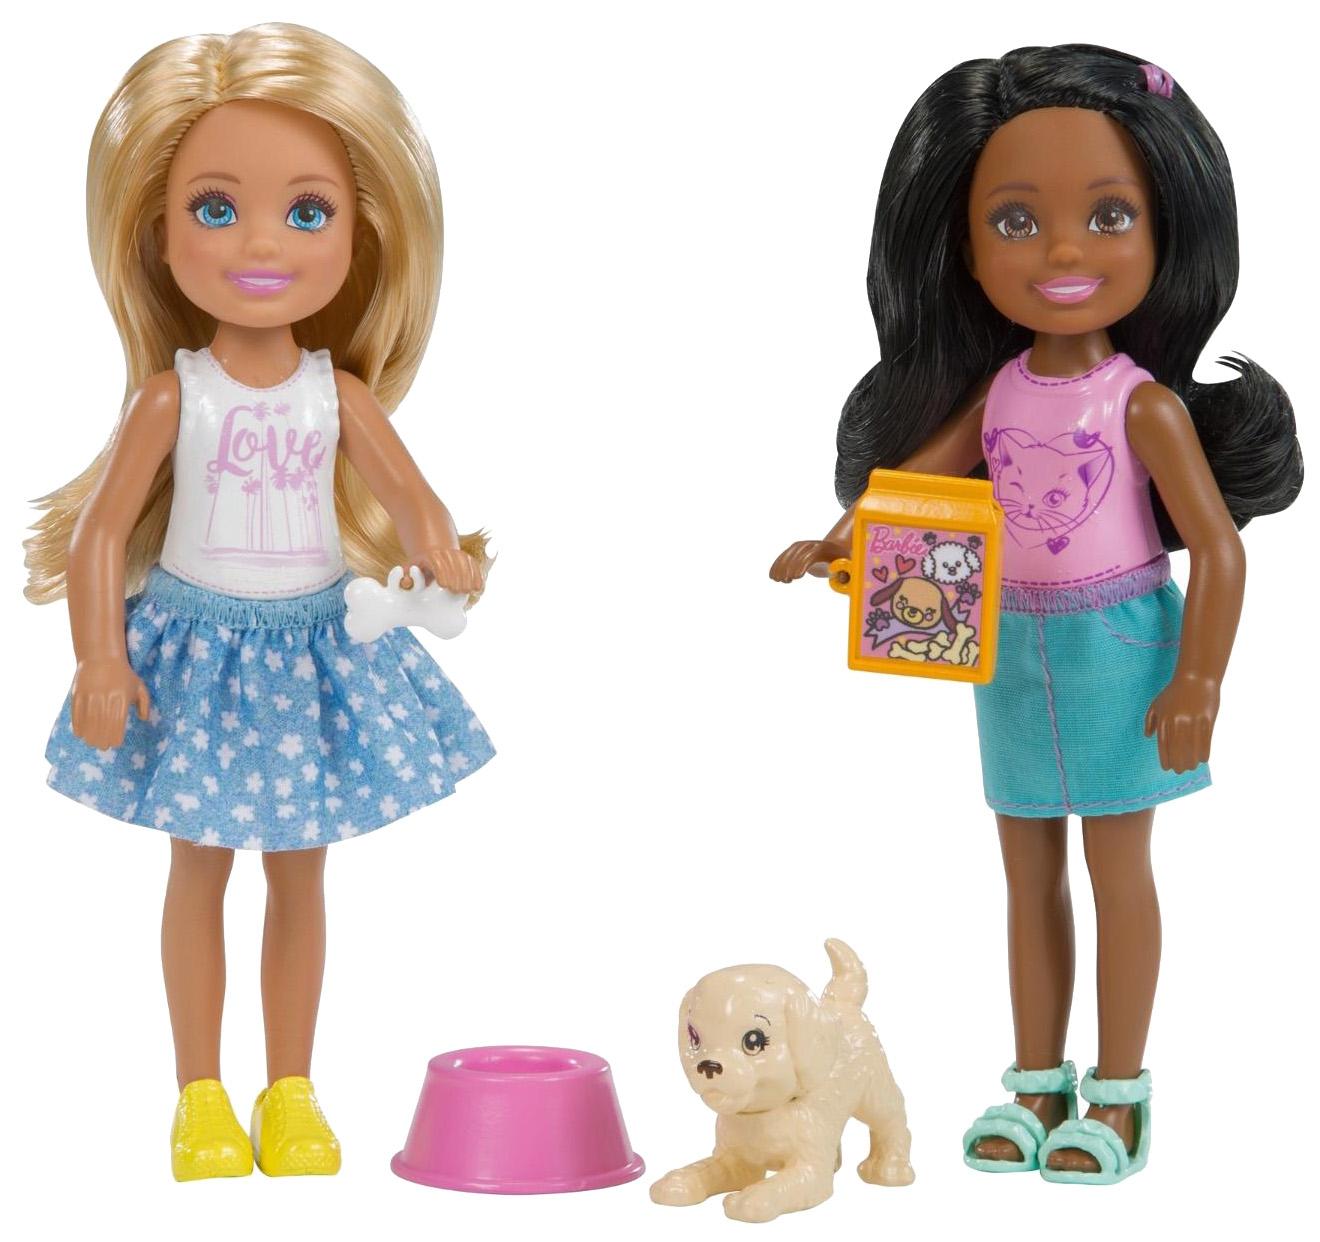 Купить Челси 2 шт. с питомцем, Куклы Barbie Челси с питомцем FHK96/FHK97 2 шт